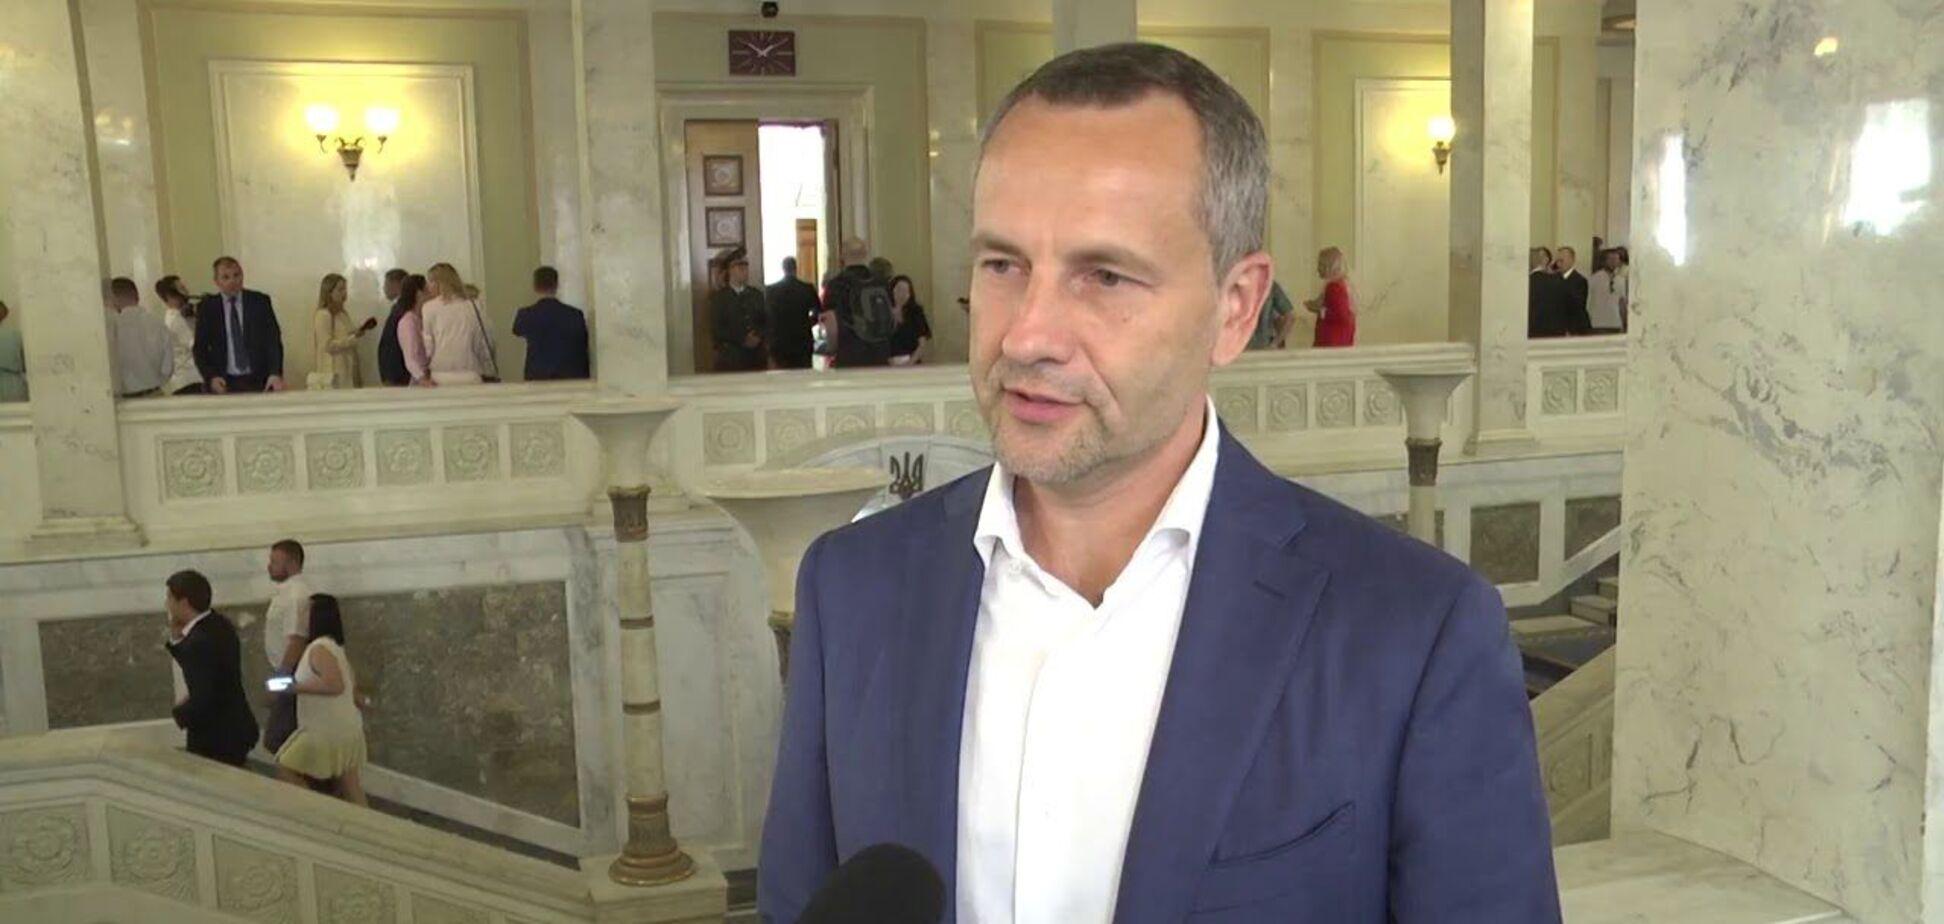 Колыхаев выиграл выборы мэра Херсона